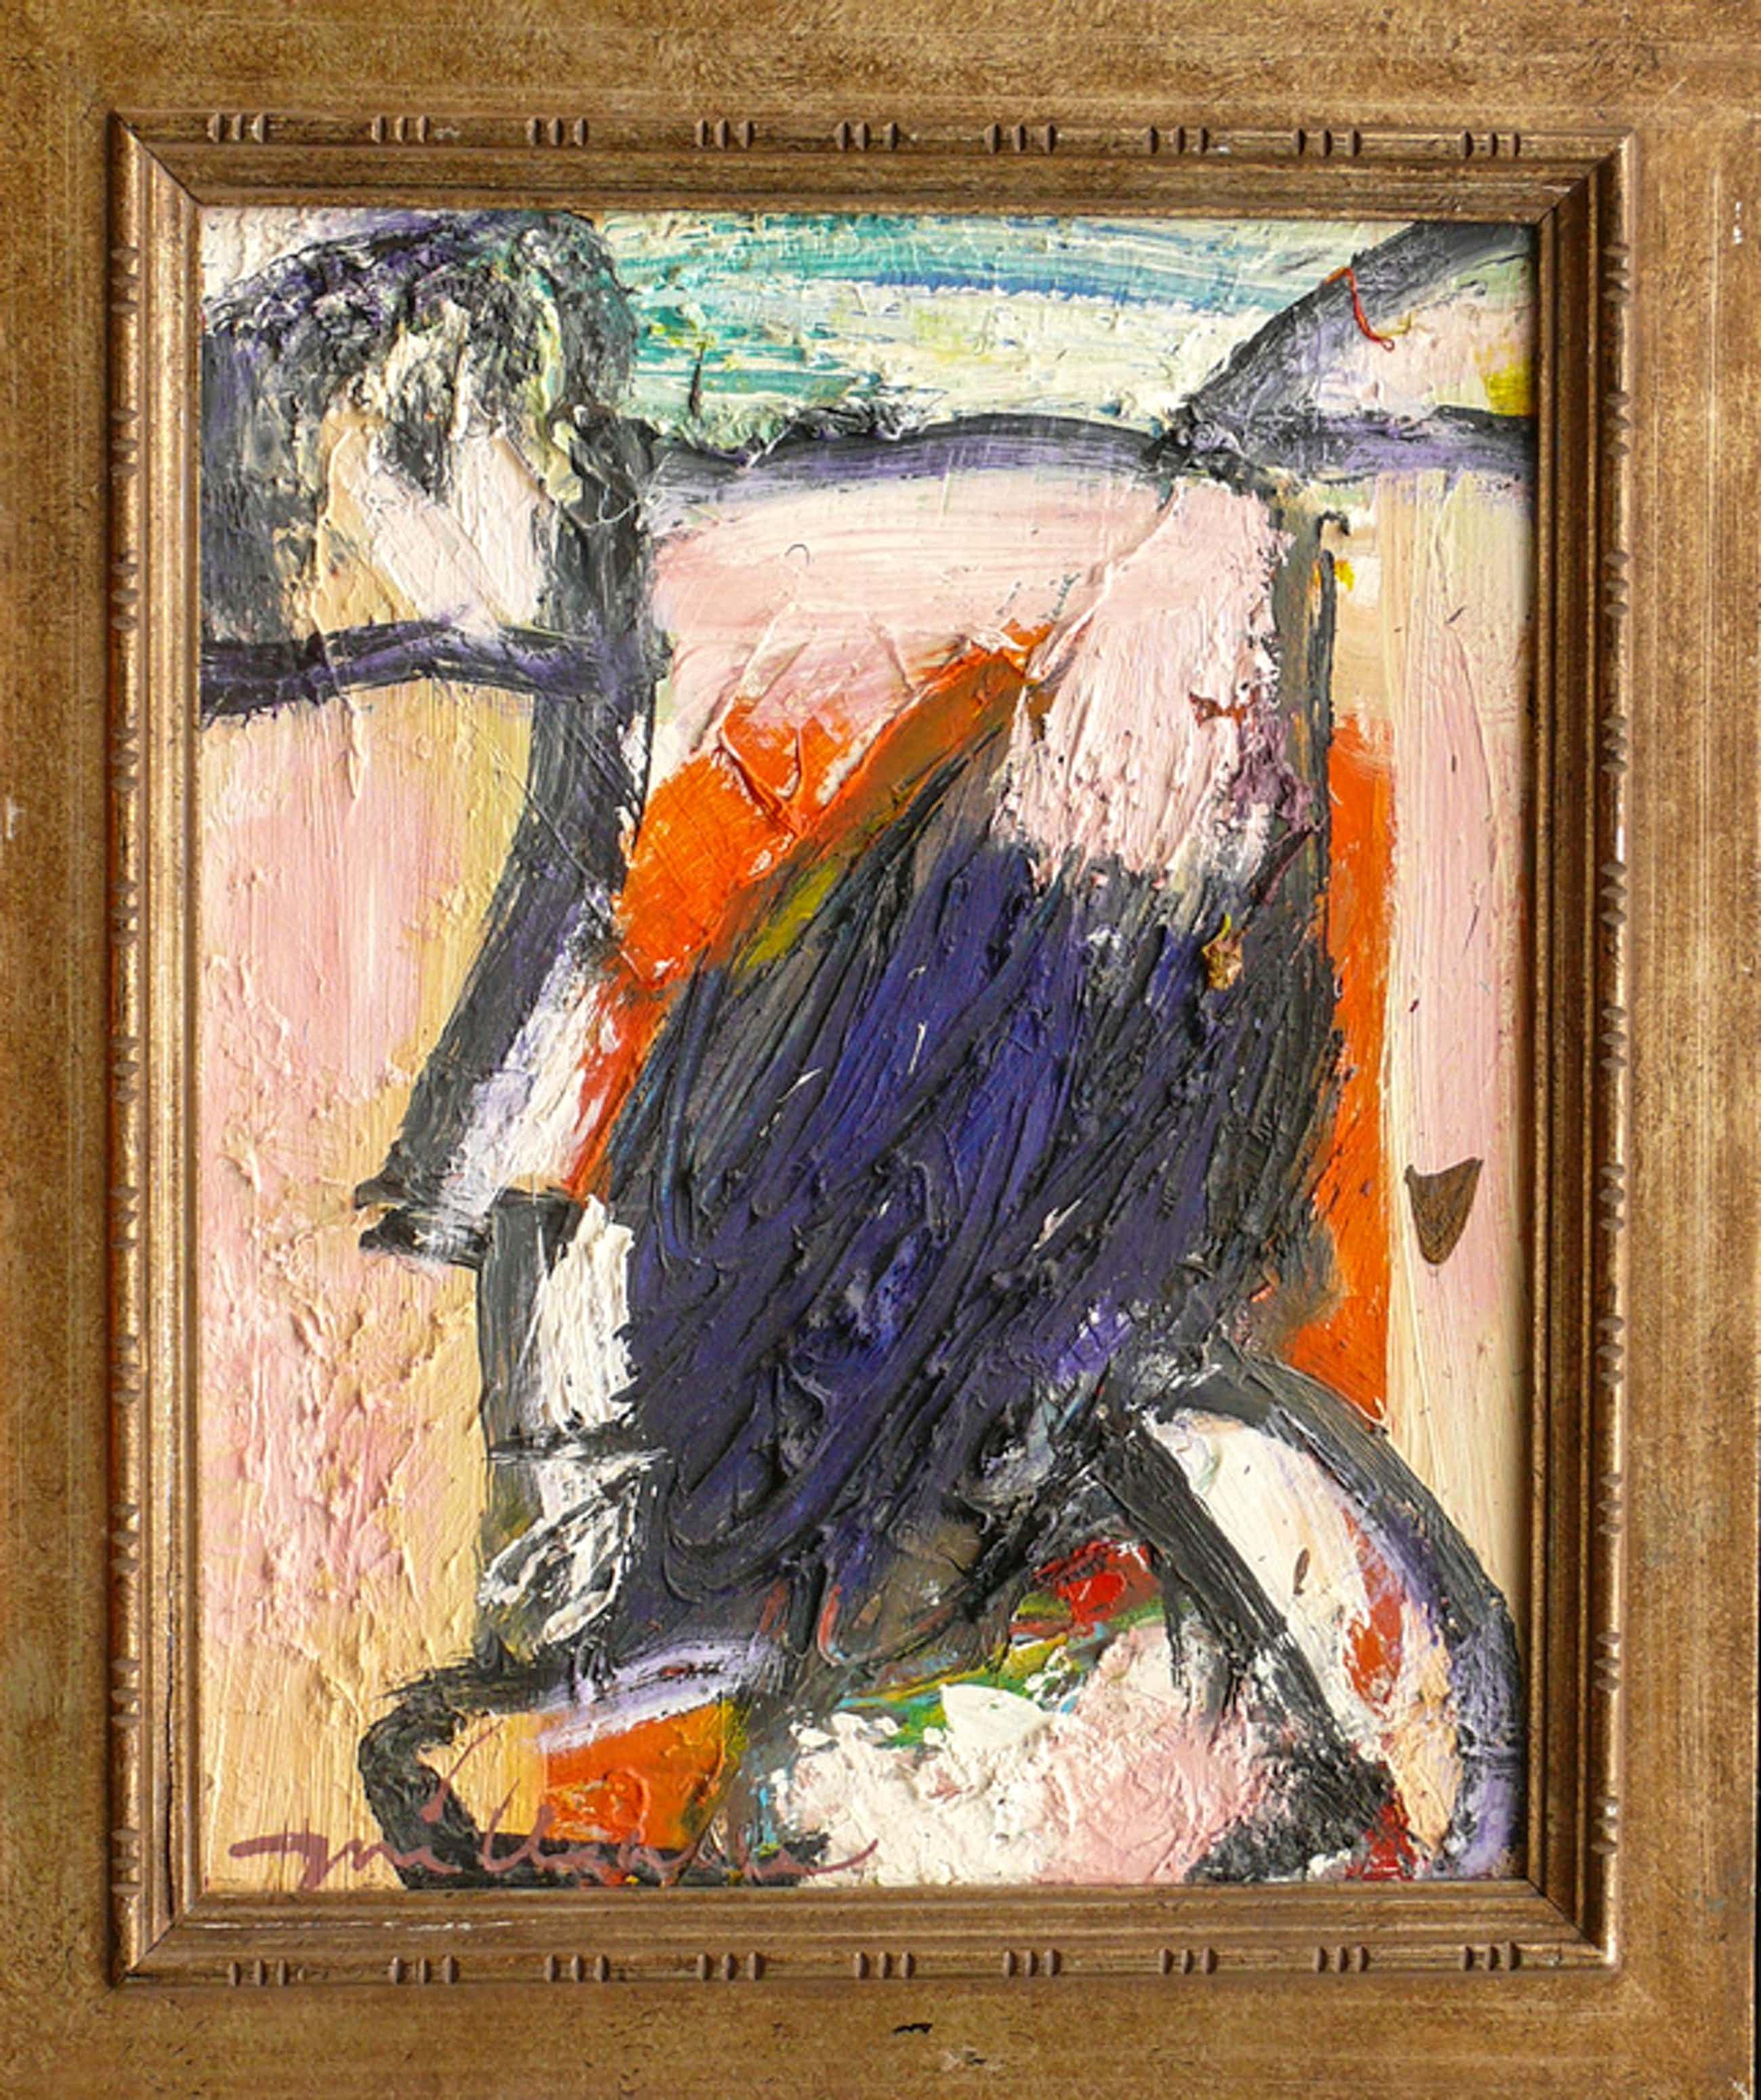 Guillaume Lo-A-Njoe (1937), Olieverf op doek, Abstract kopen? Bied vanaf 400!